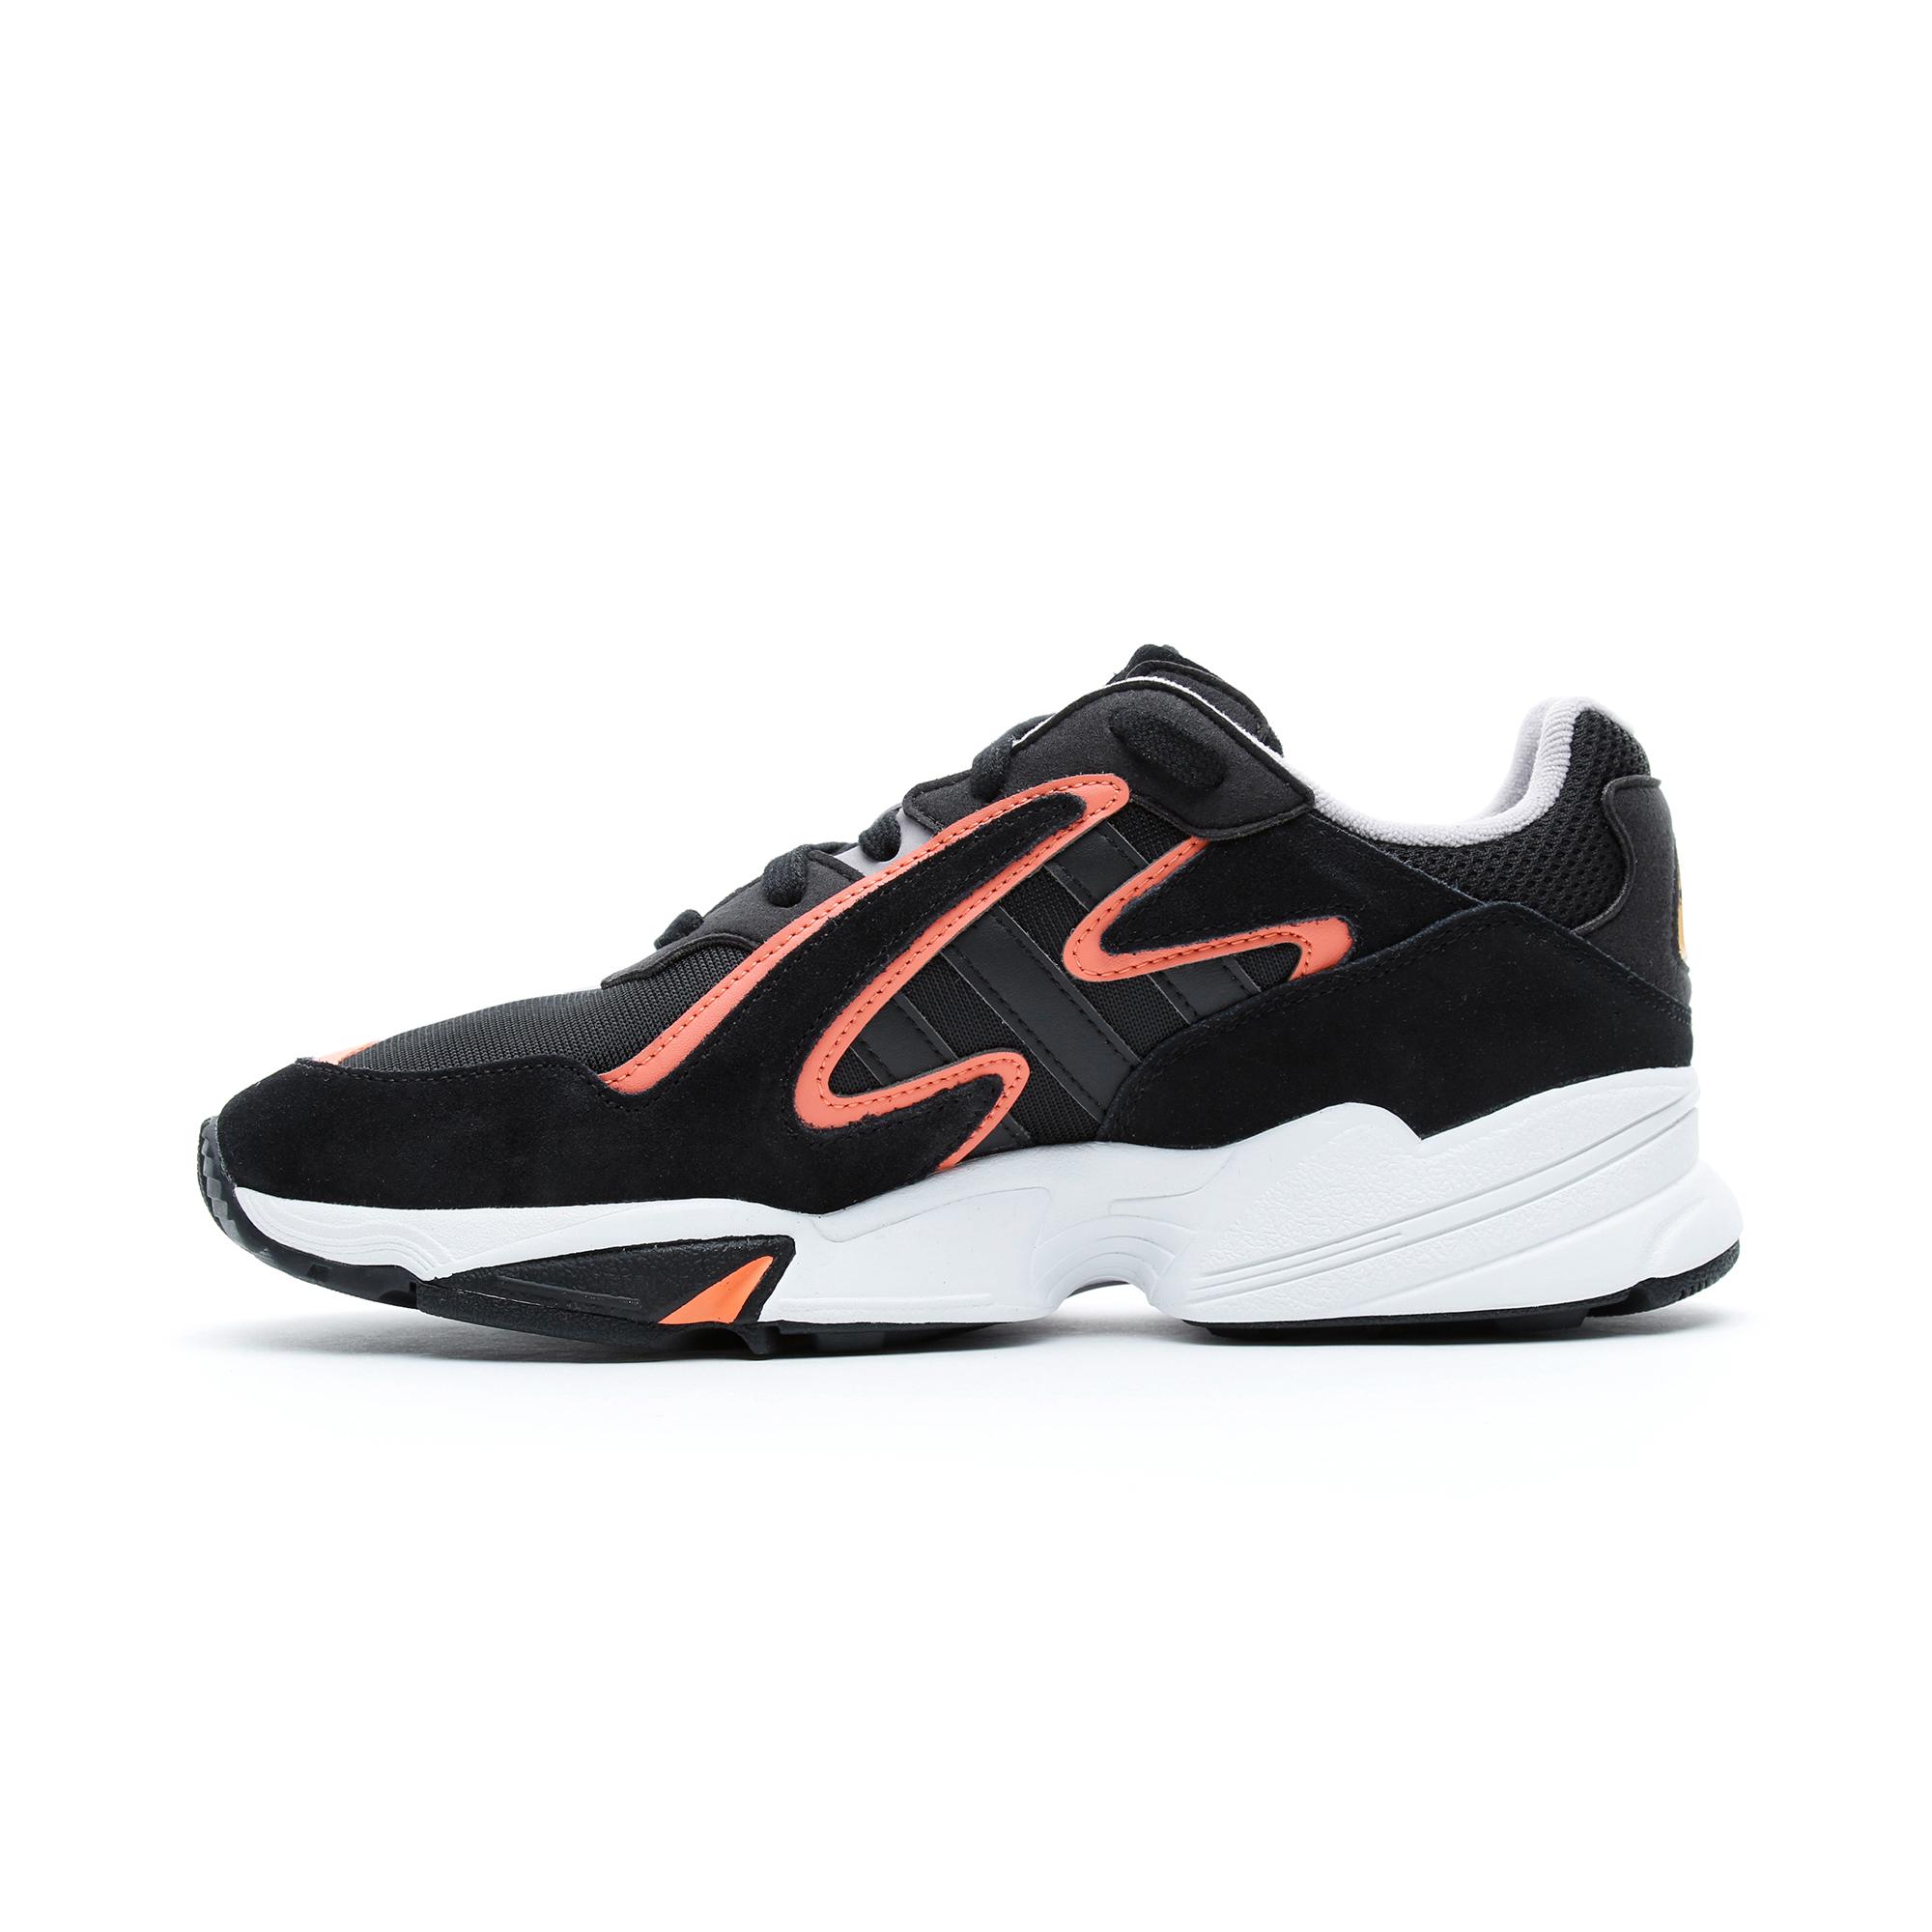 adidas Yung-96 Chasm Siyah Erkek Spor Ayakkabı